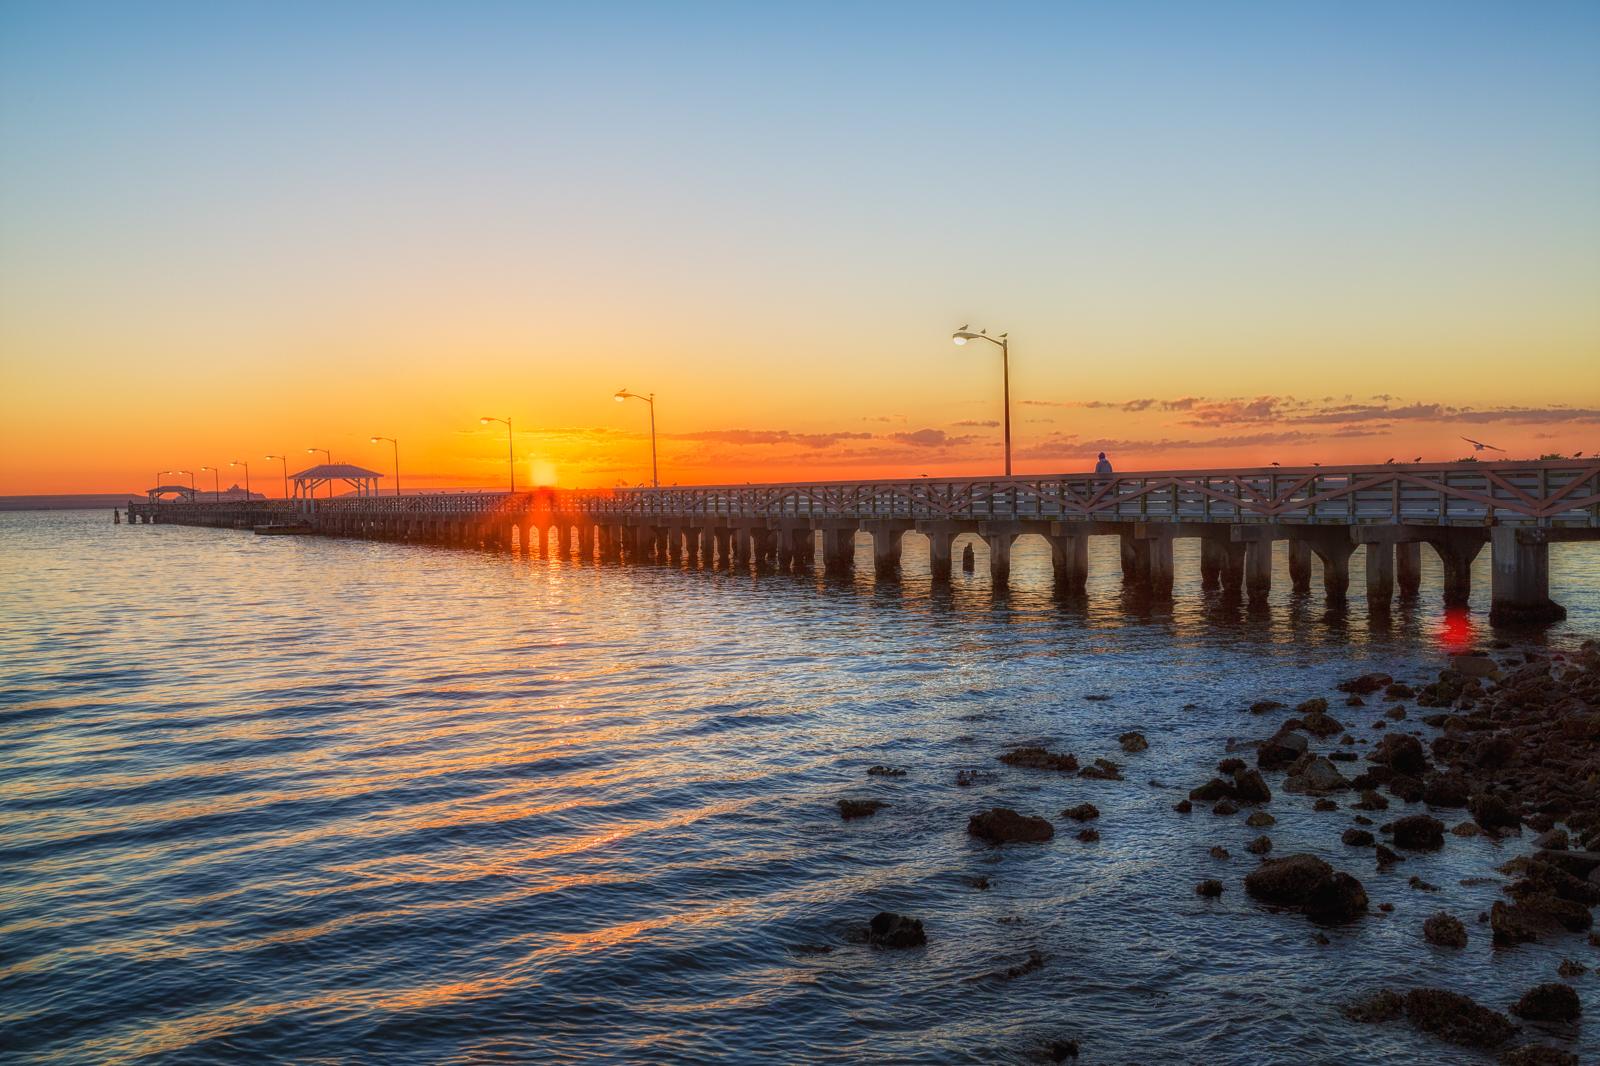 Ballast Point Park Pier Sun Flare